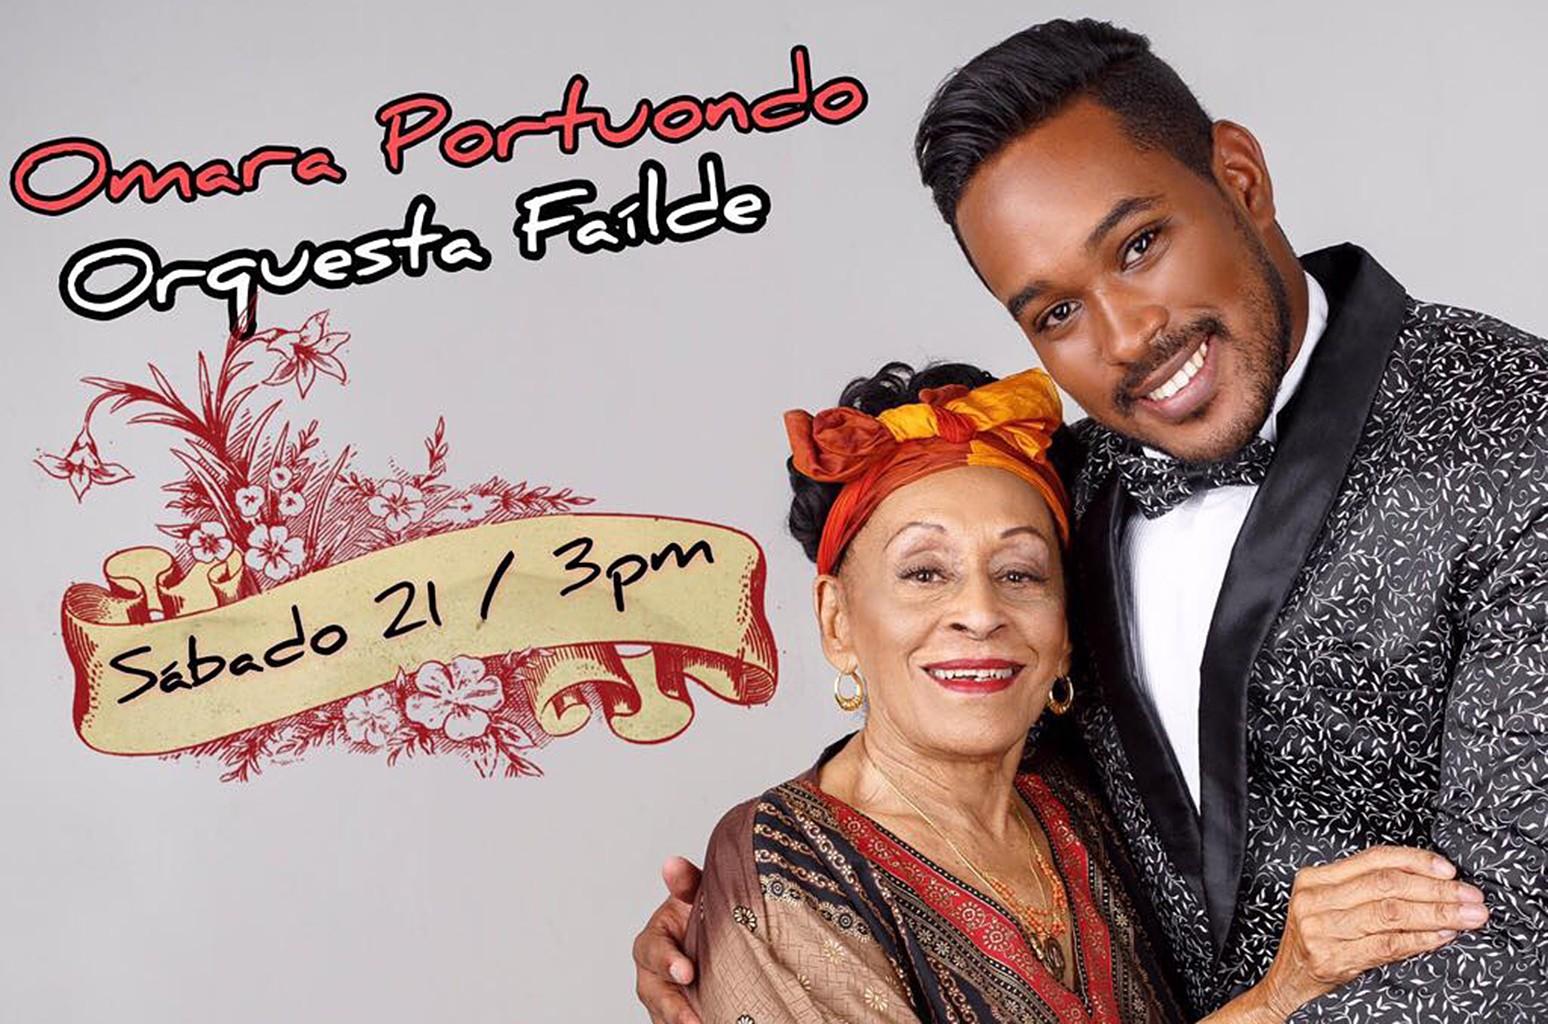 Orquesta Failde and Omara Portuondo